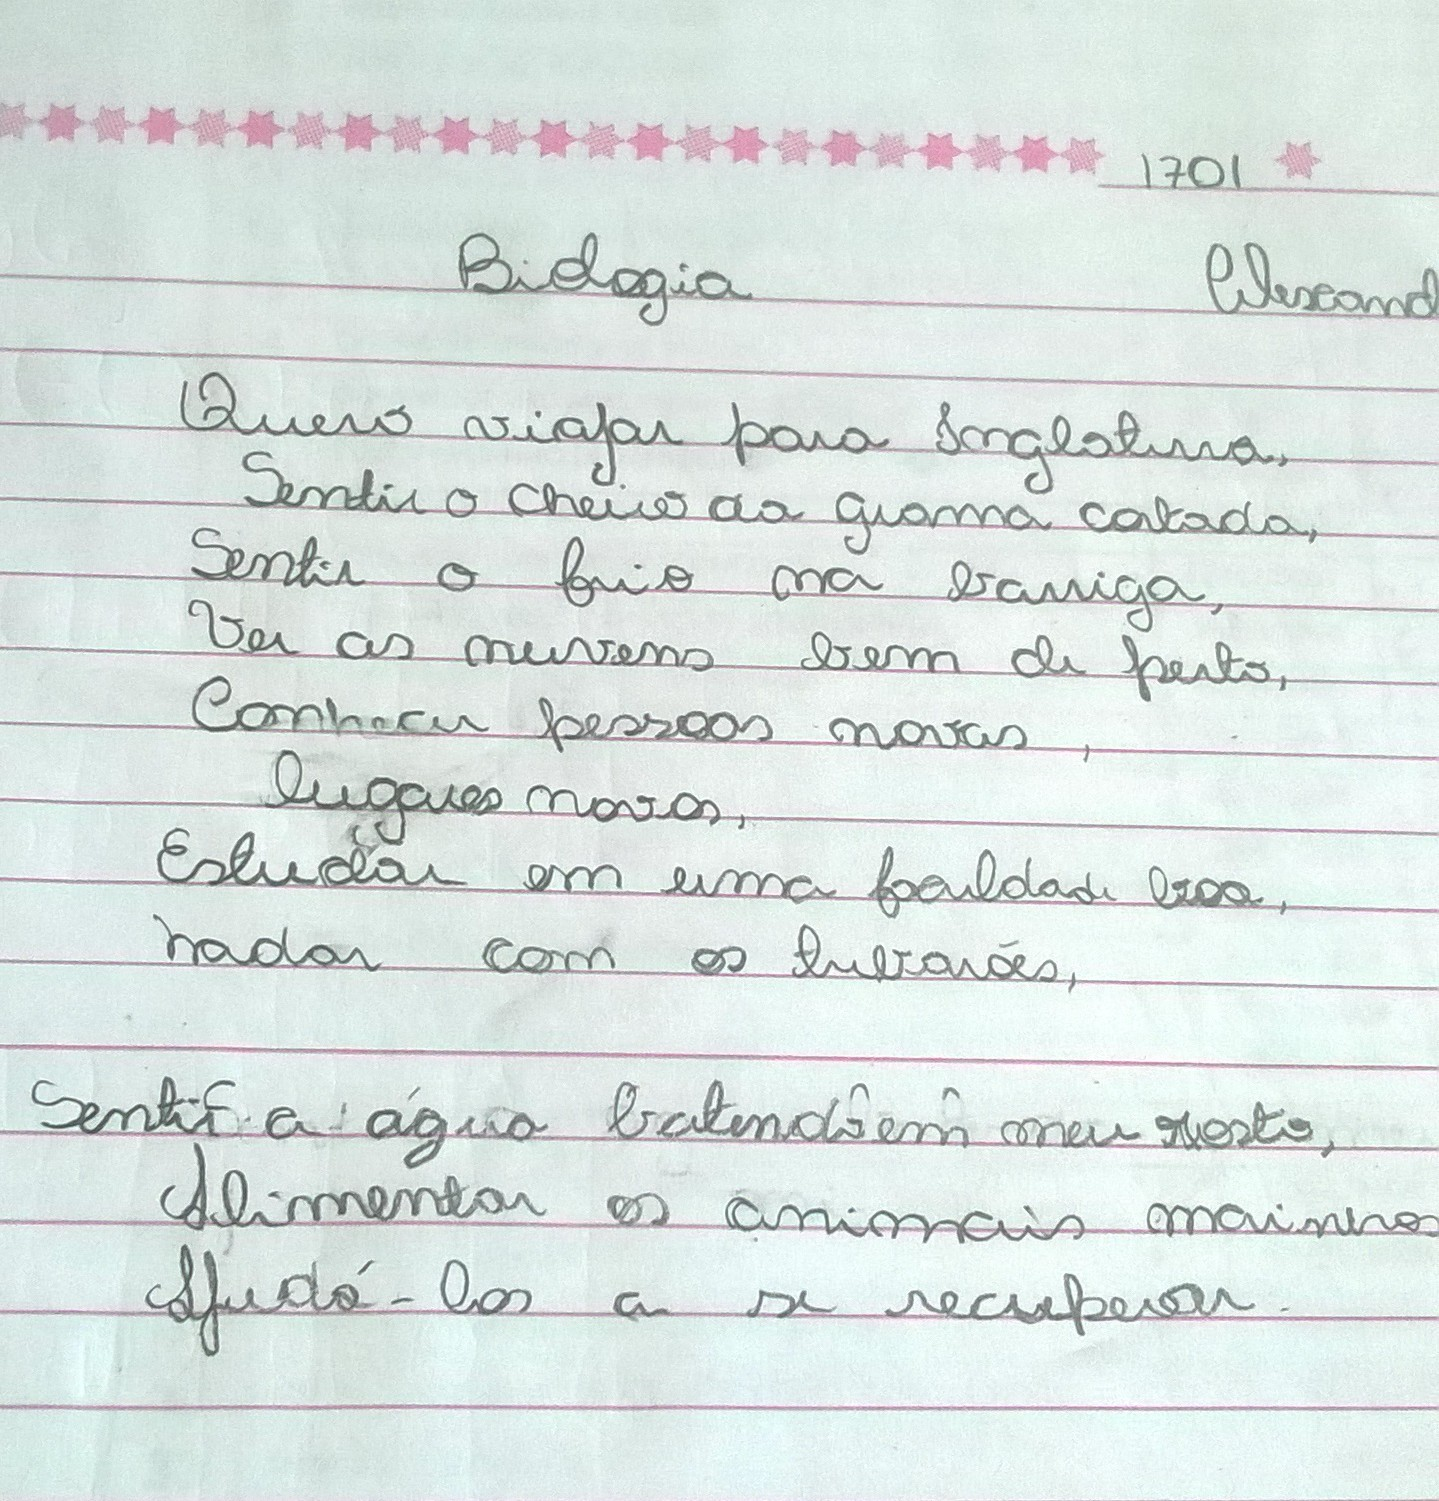 Meus alunos do 7° ano turma 1701 escreveram em forma de poesia suas pretensµes para o futuro